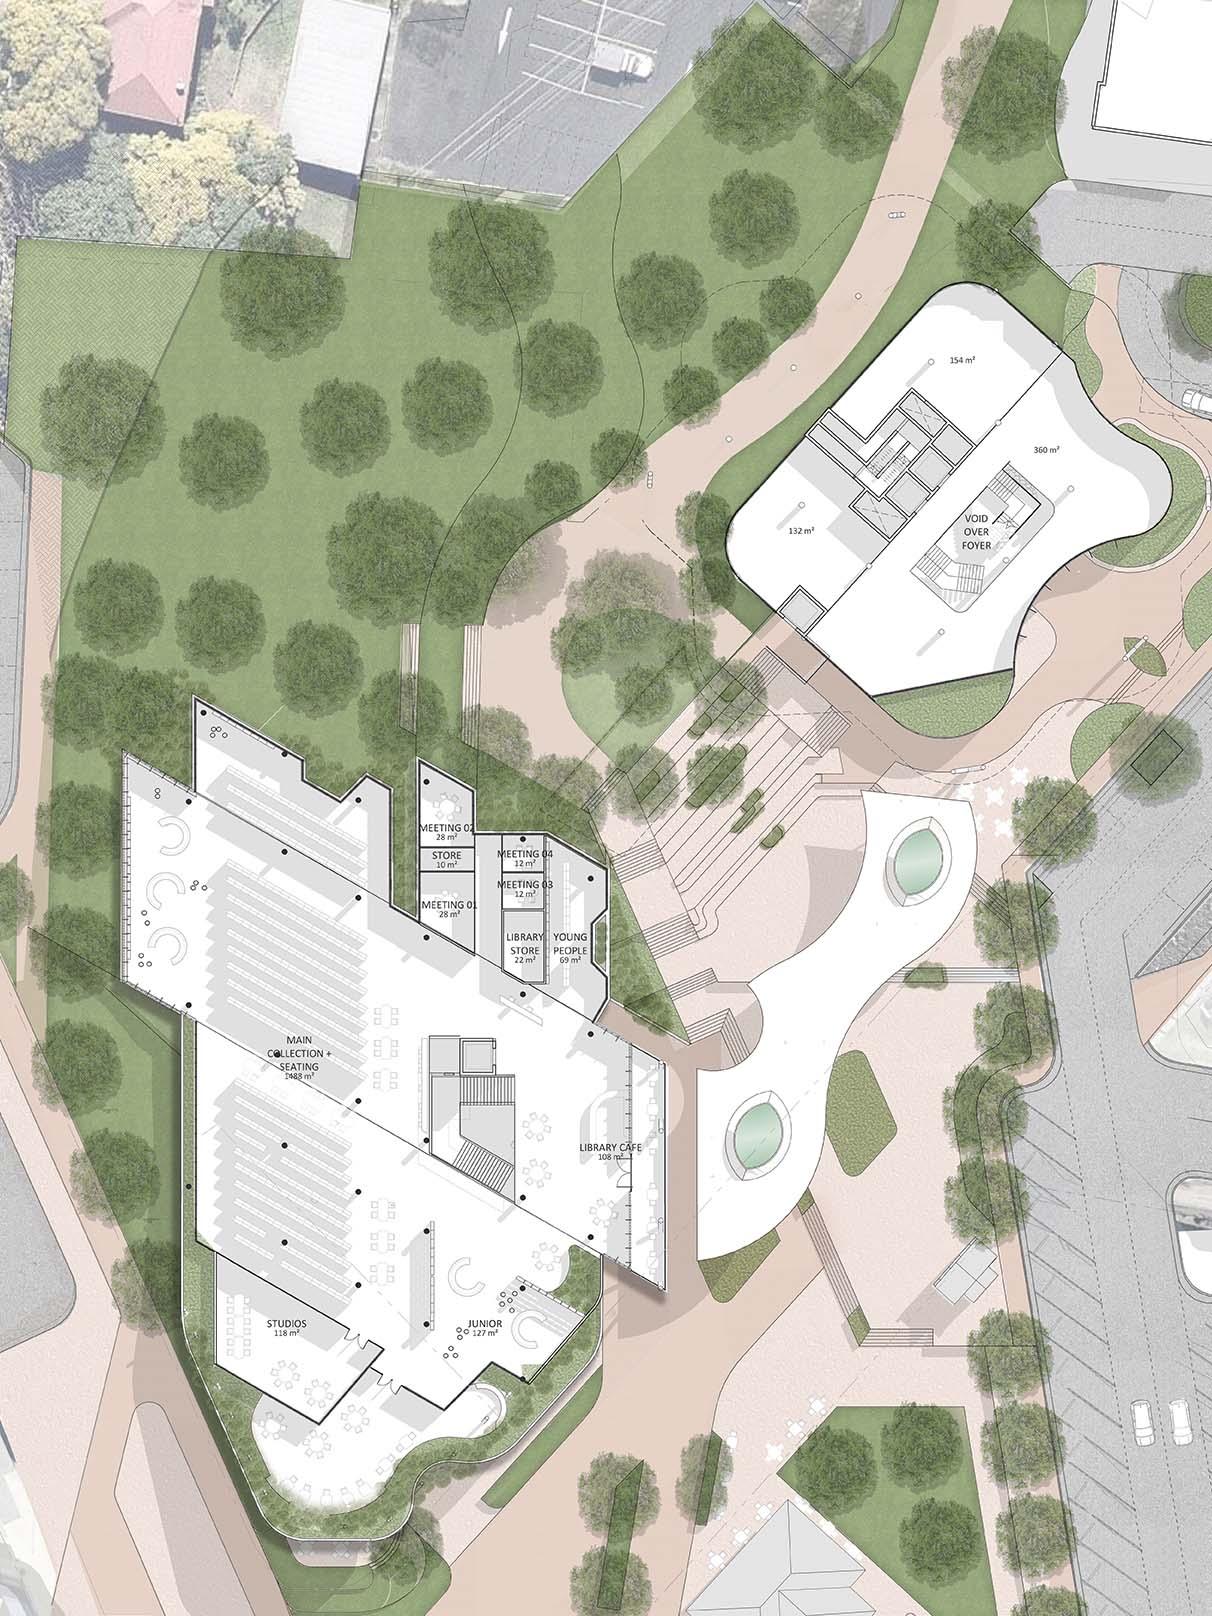 Gympie Civic & Cultural Precinct Master Plan